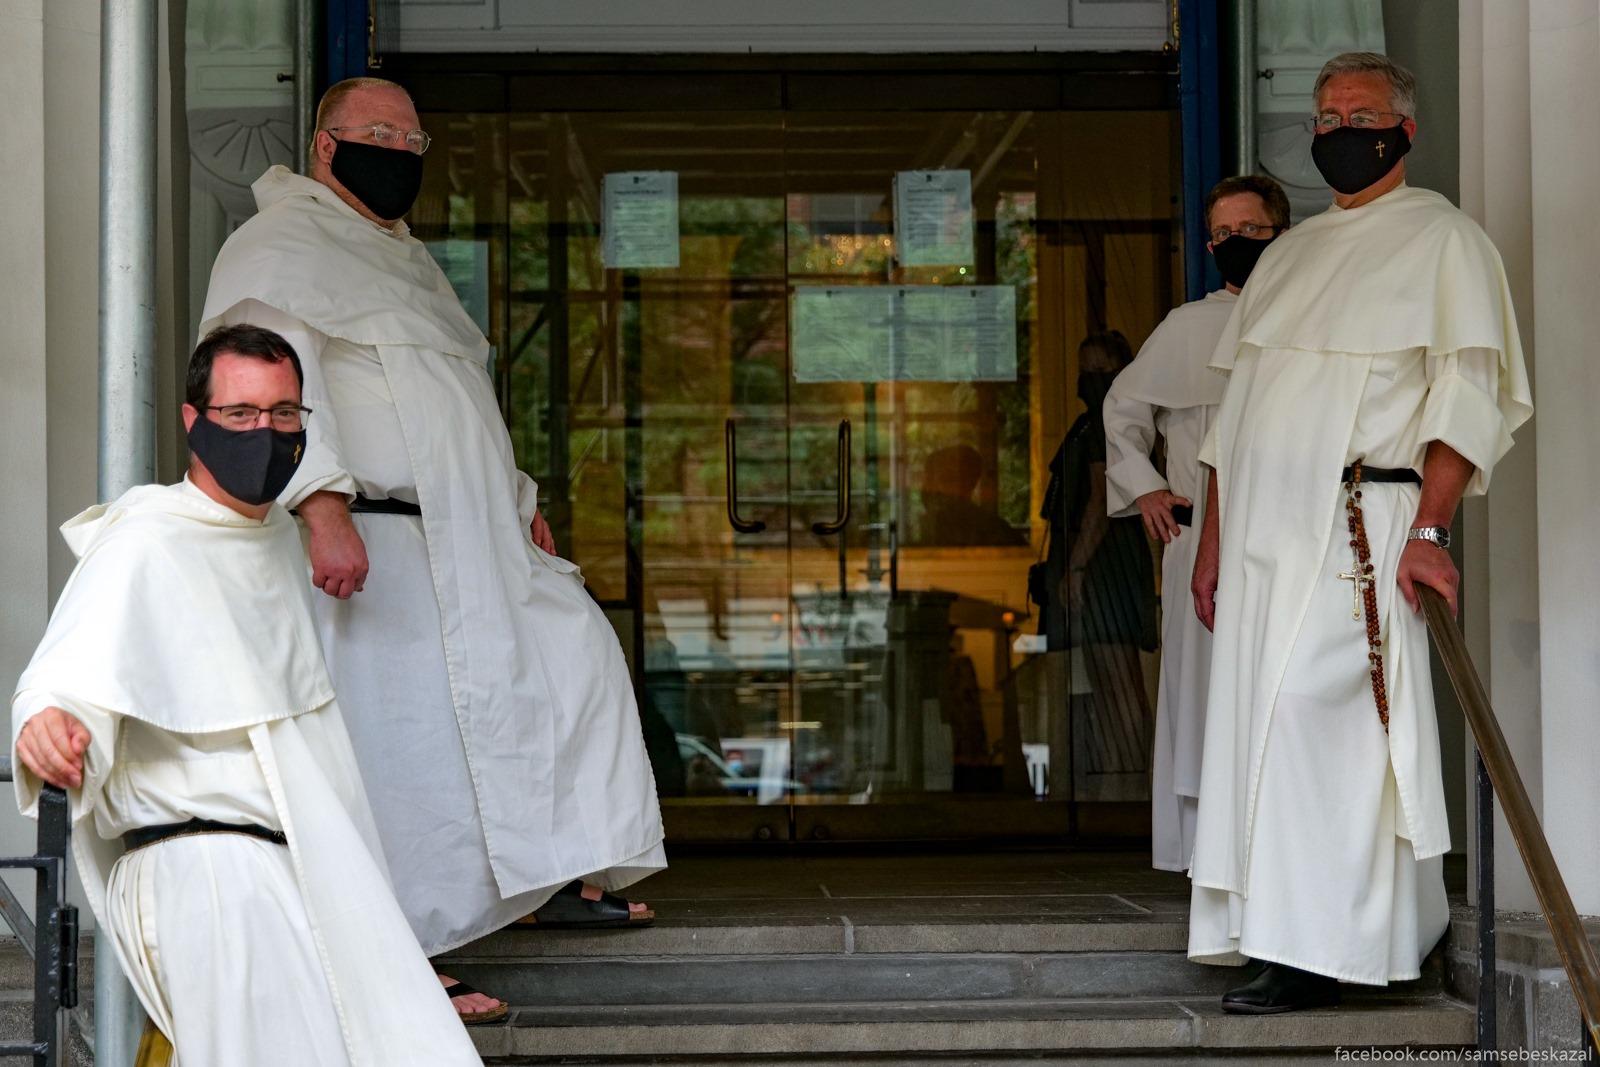 Katoliceskie monahi...